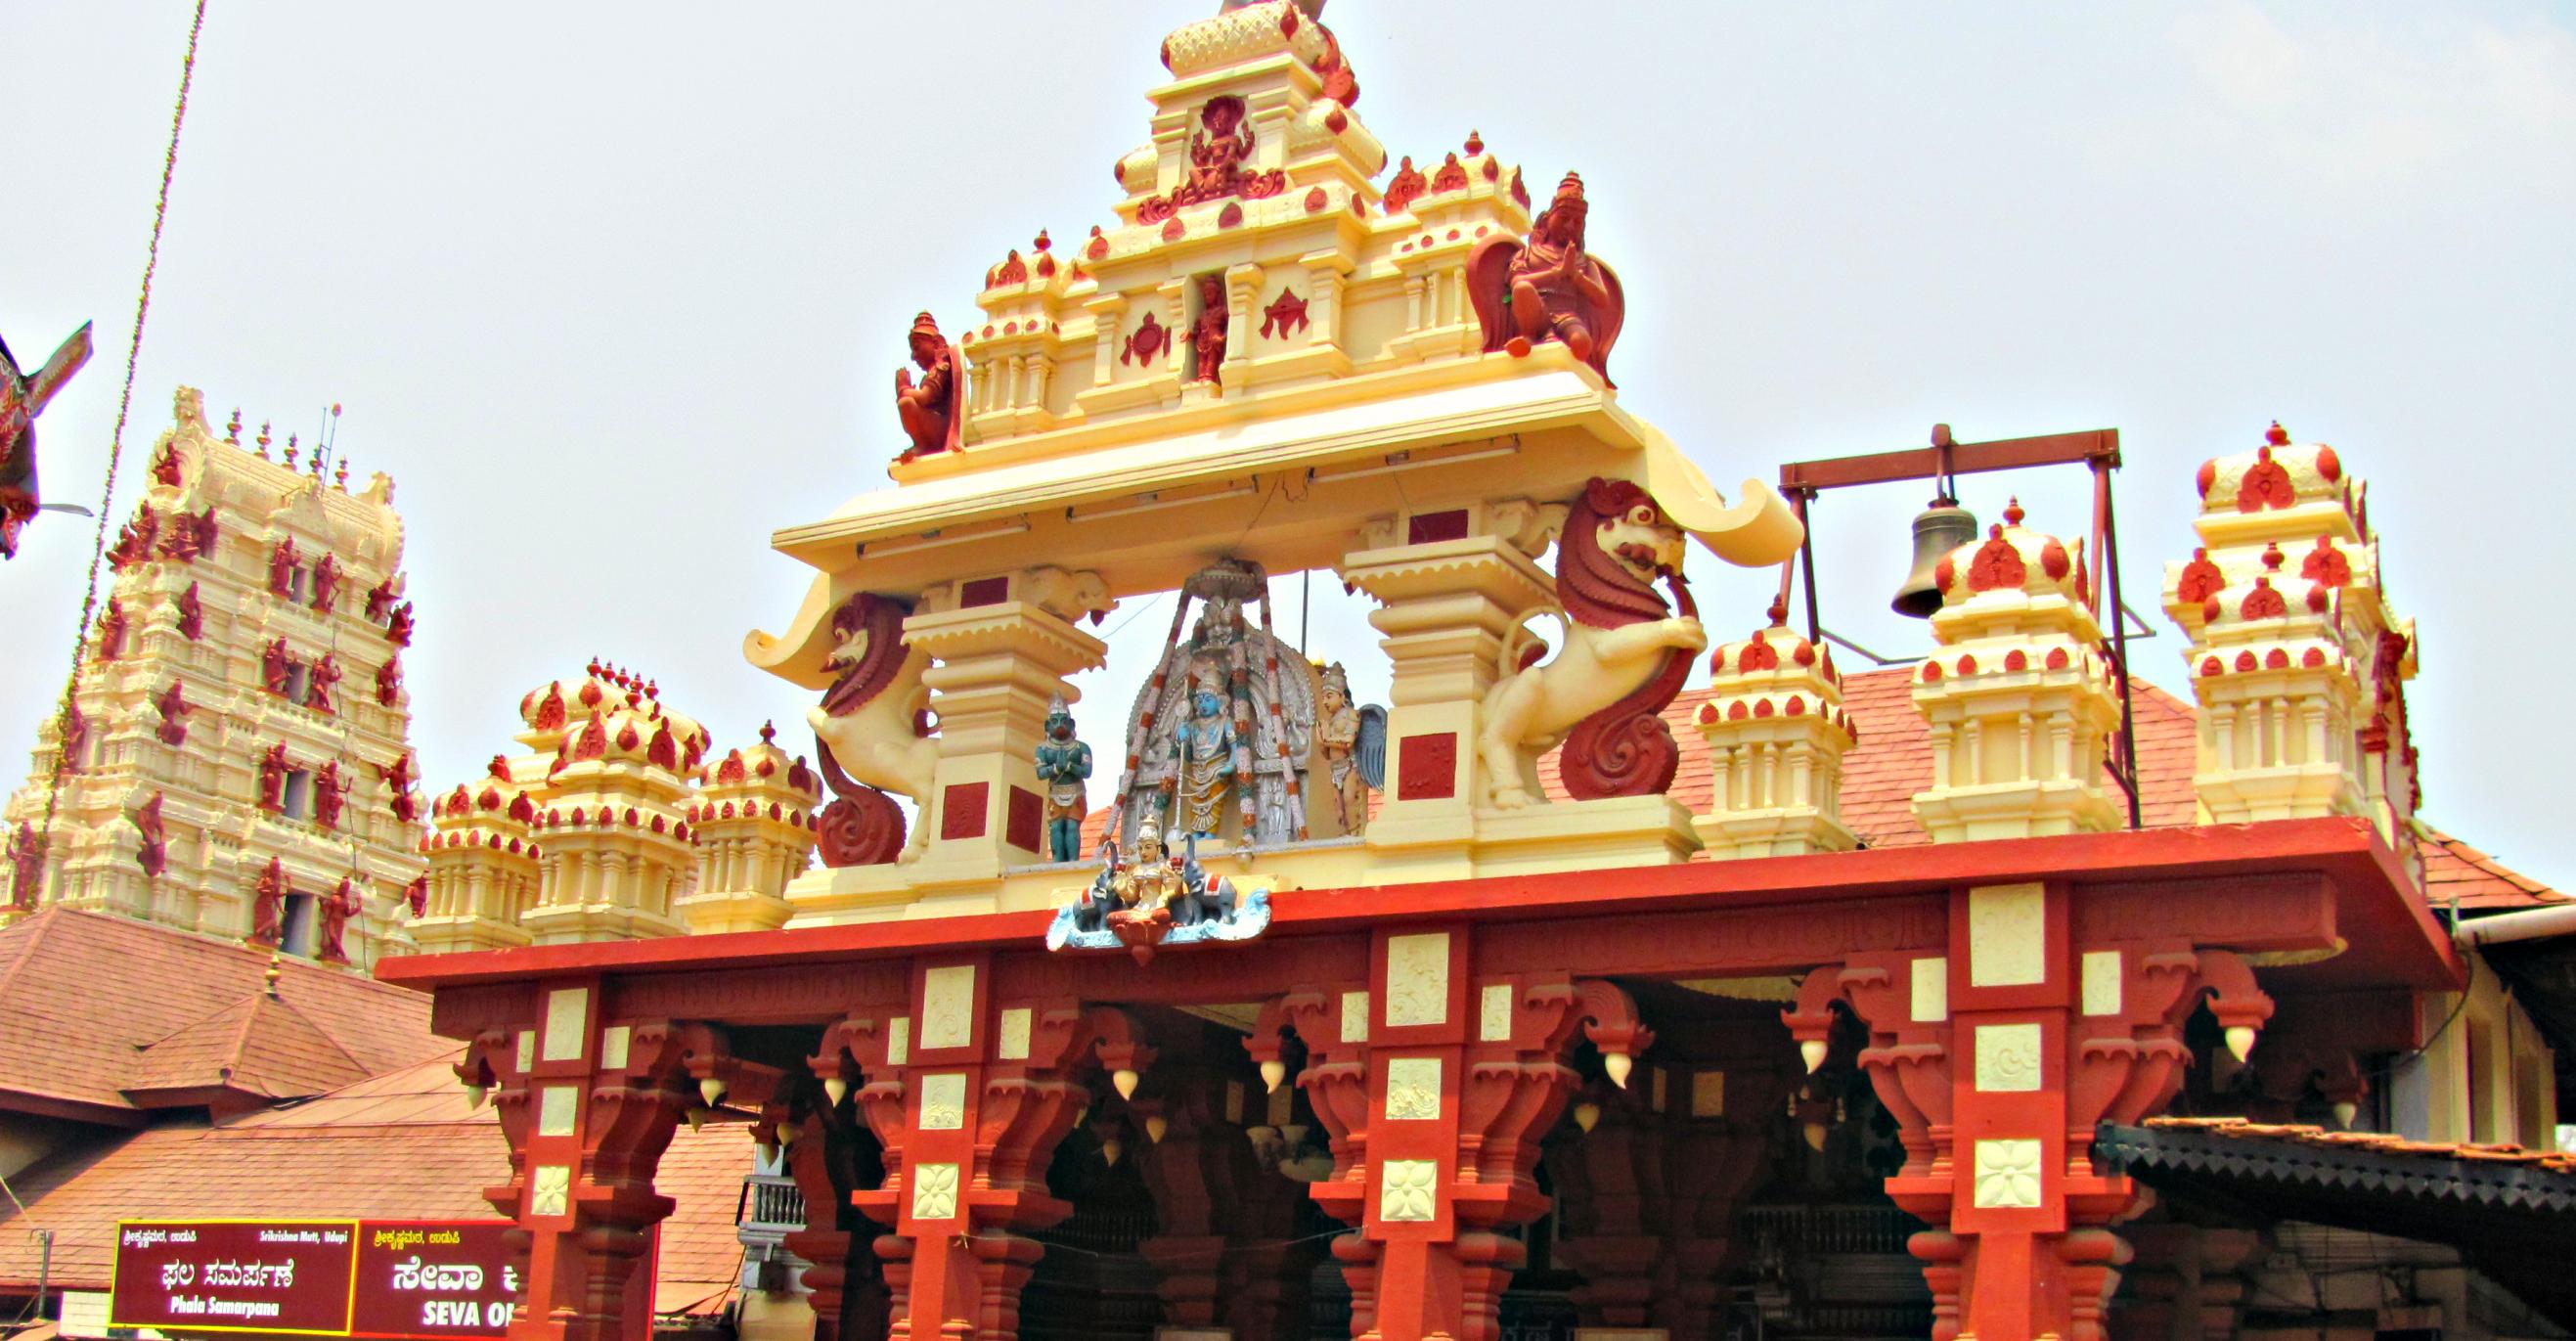 Udupi Image